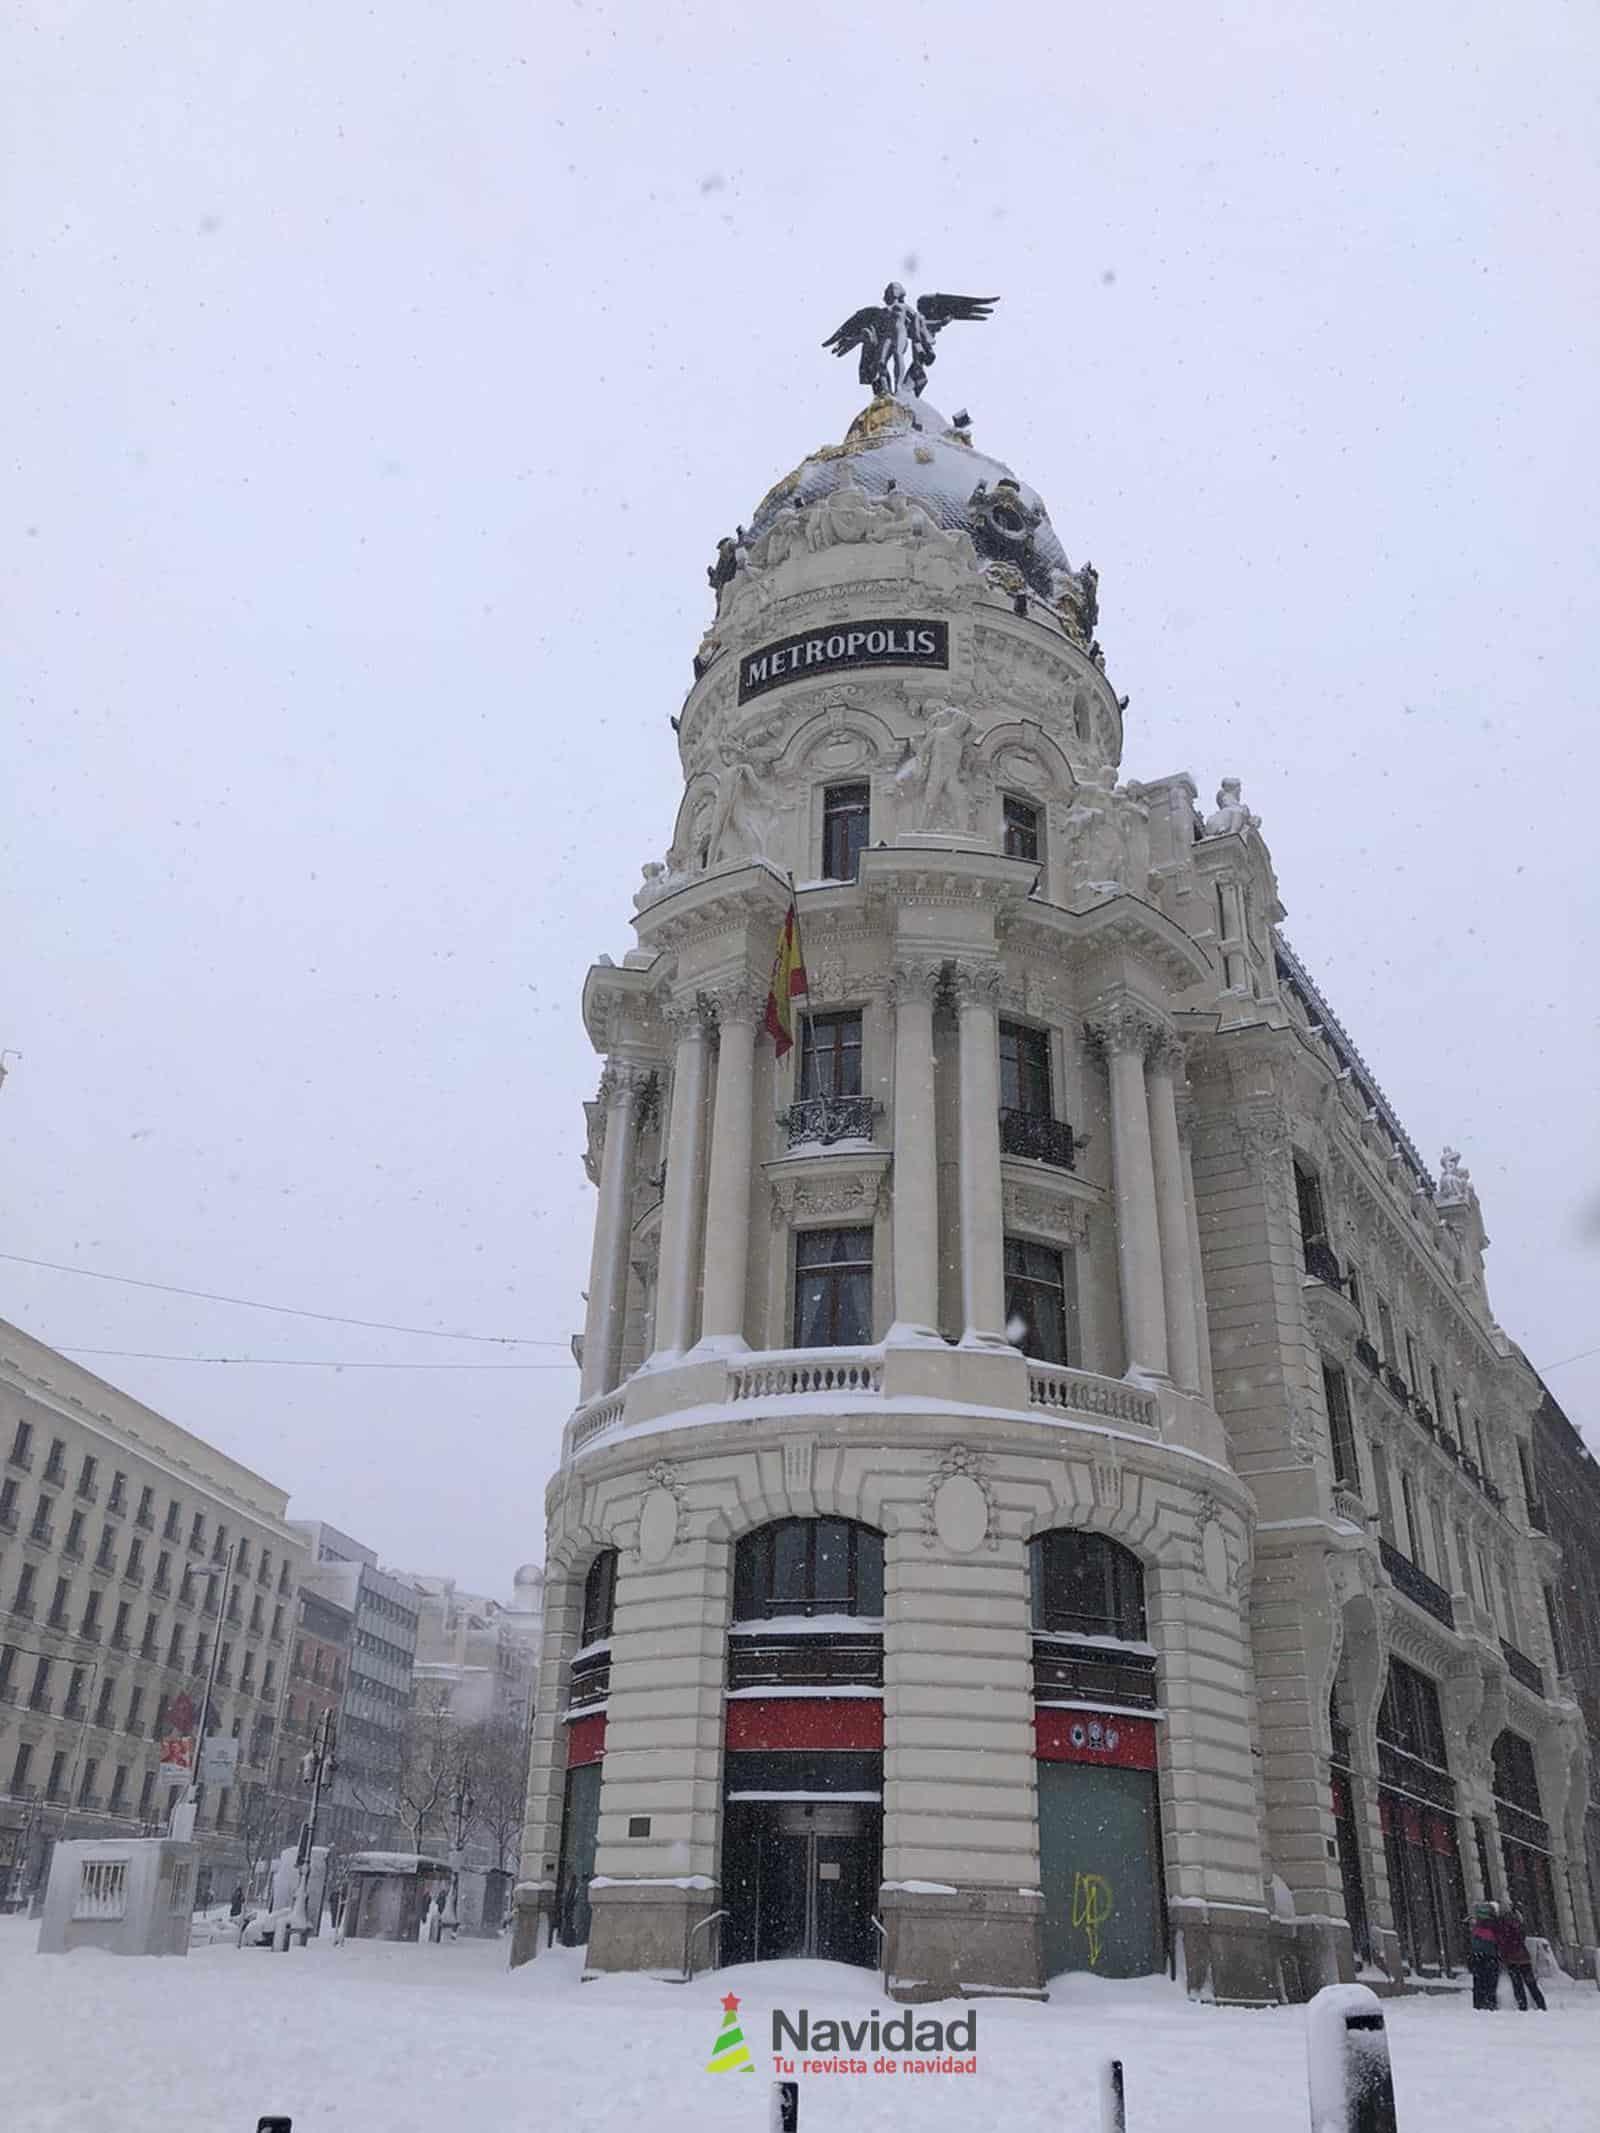 Fotografías de la nevada de enero en Madrid (España) 87